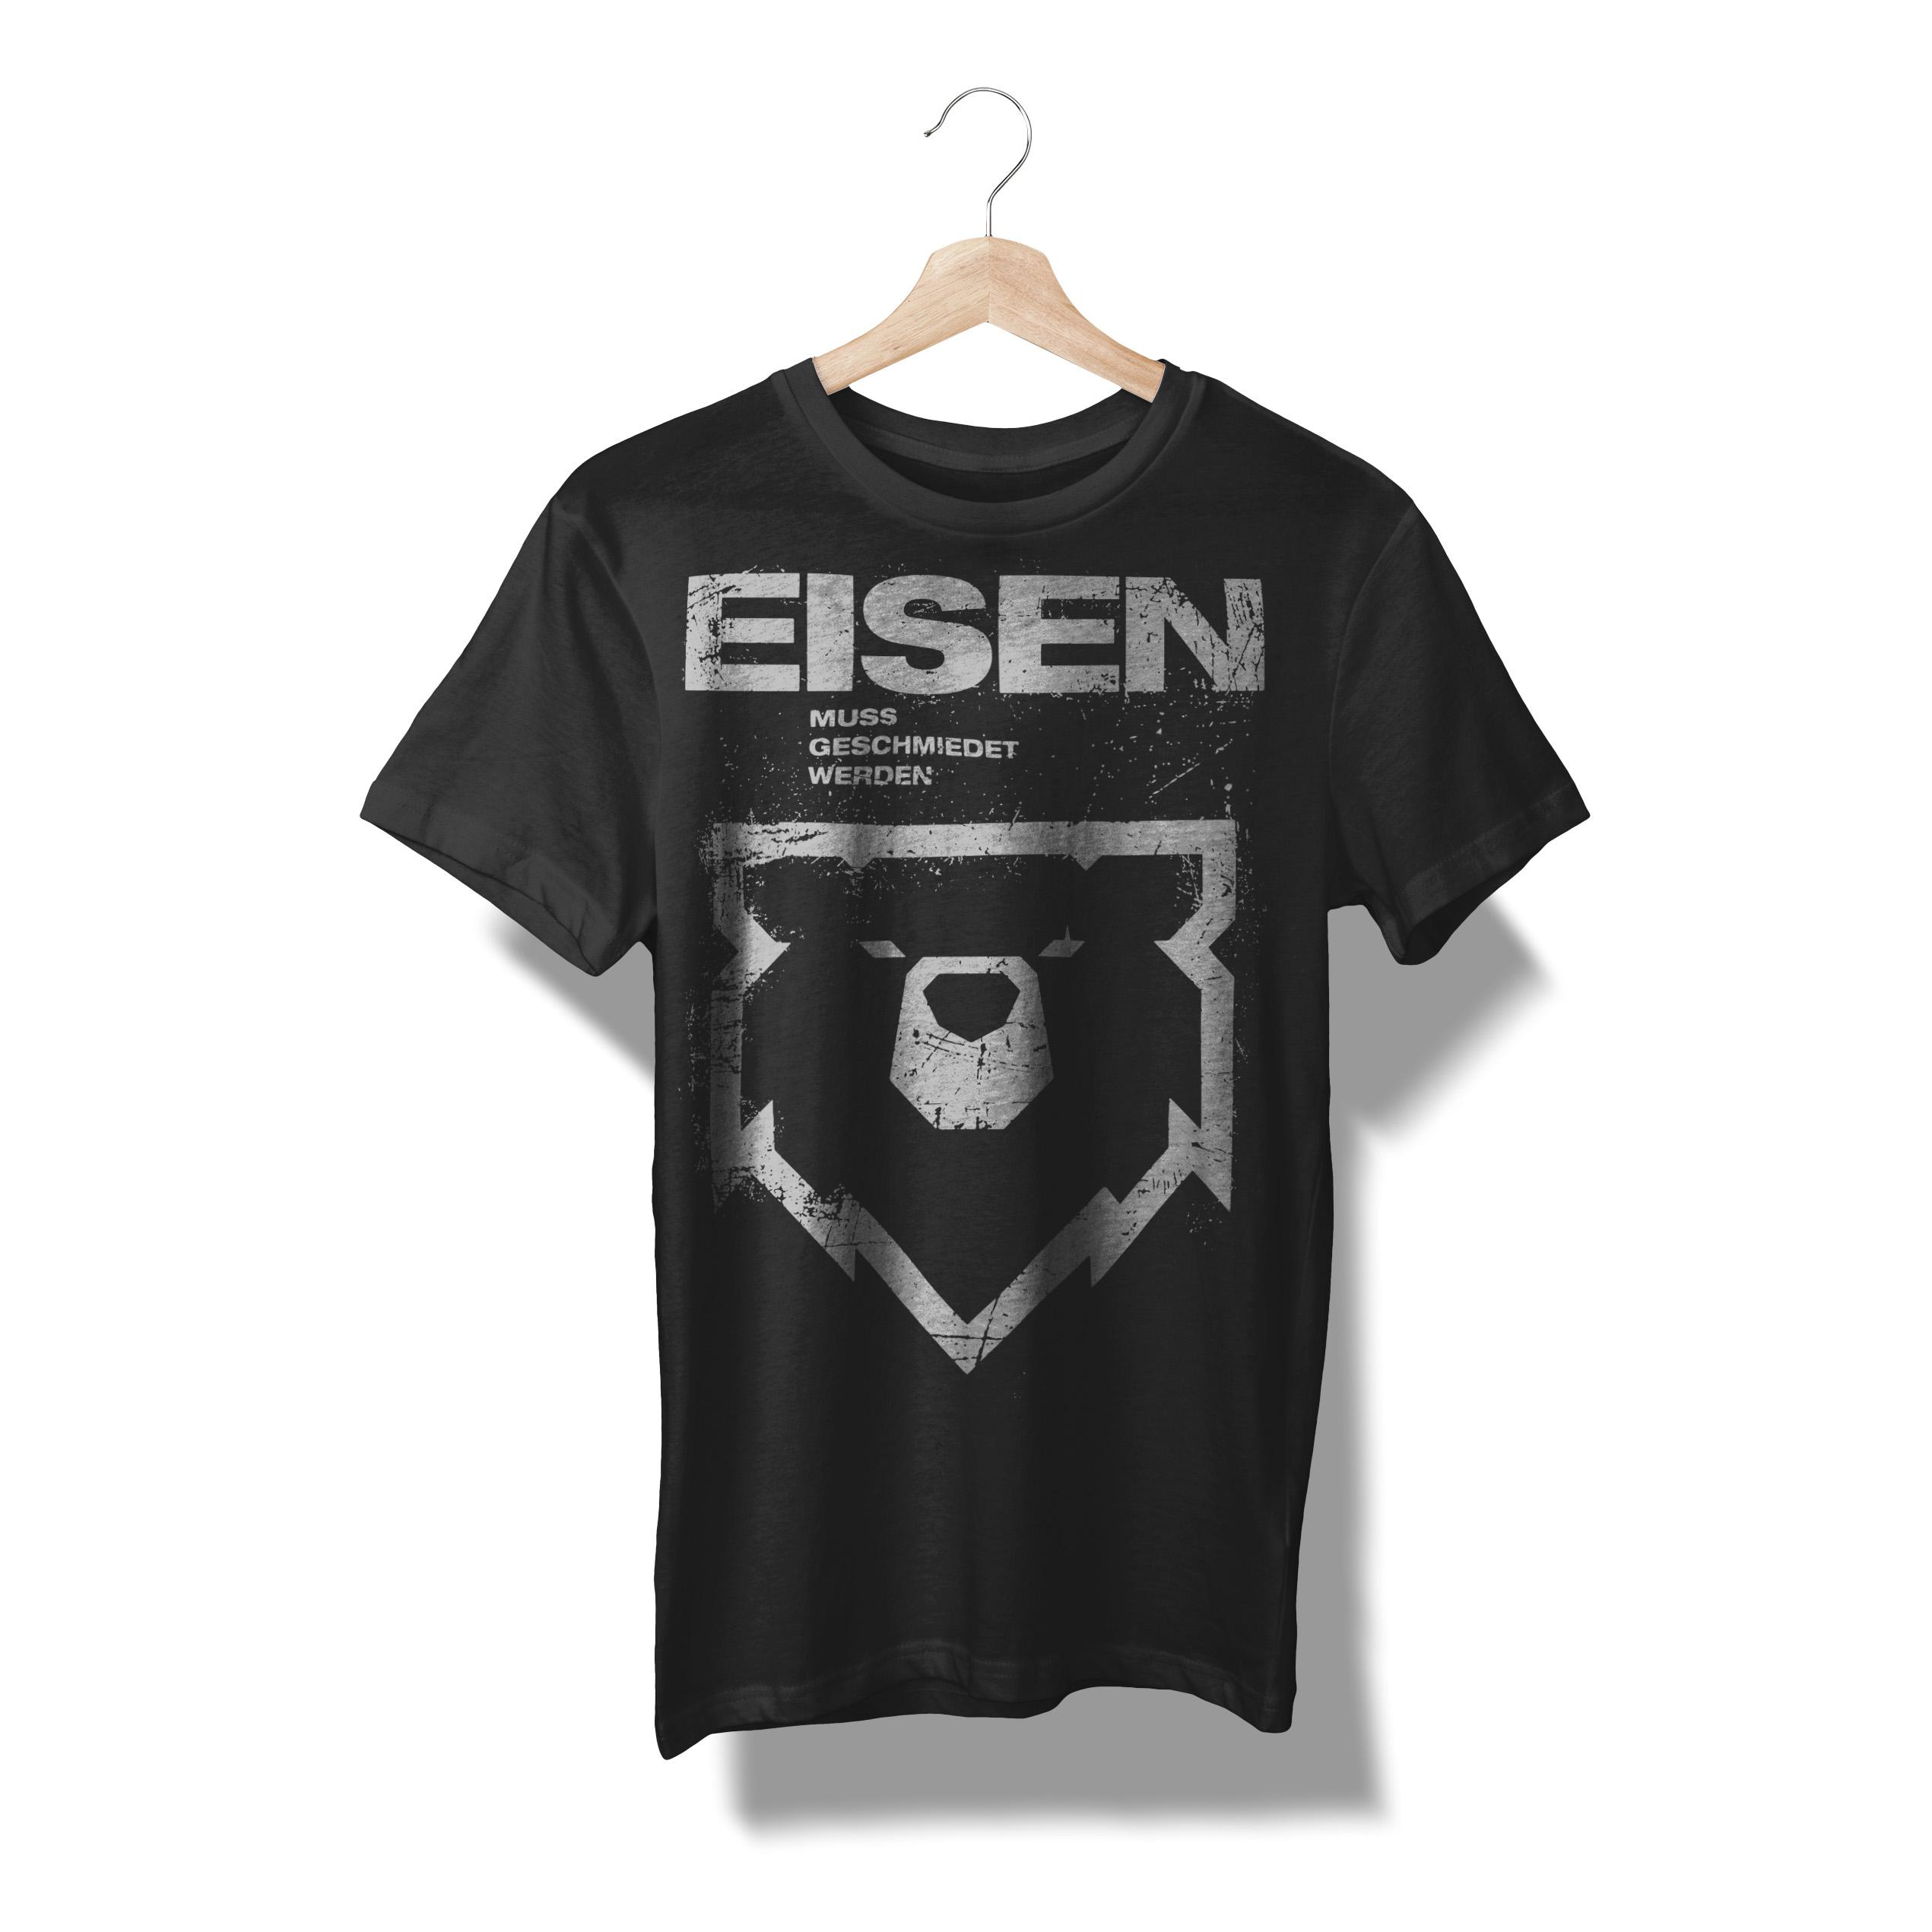 """T-Shirt """"Eisen muss geschmiedet werden"""""""